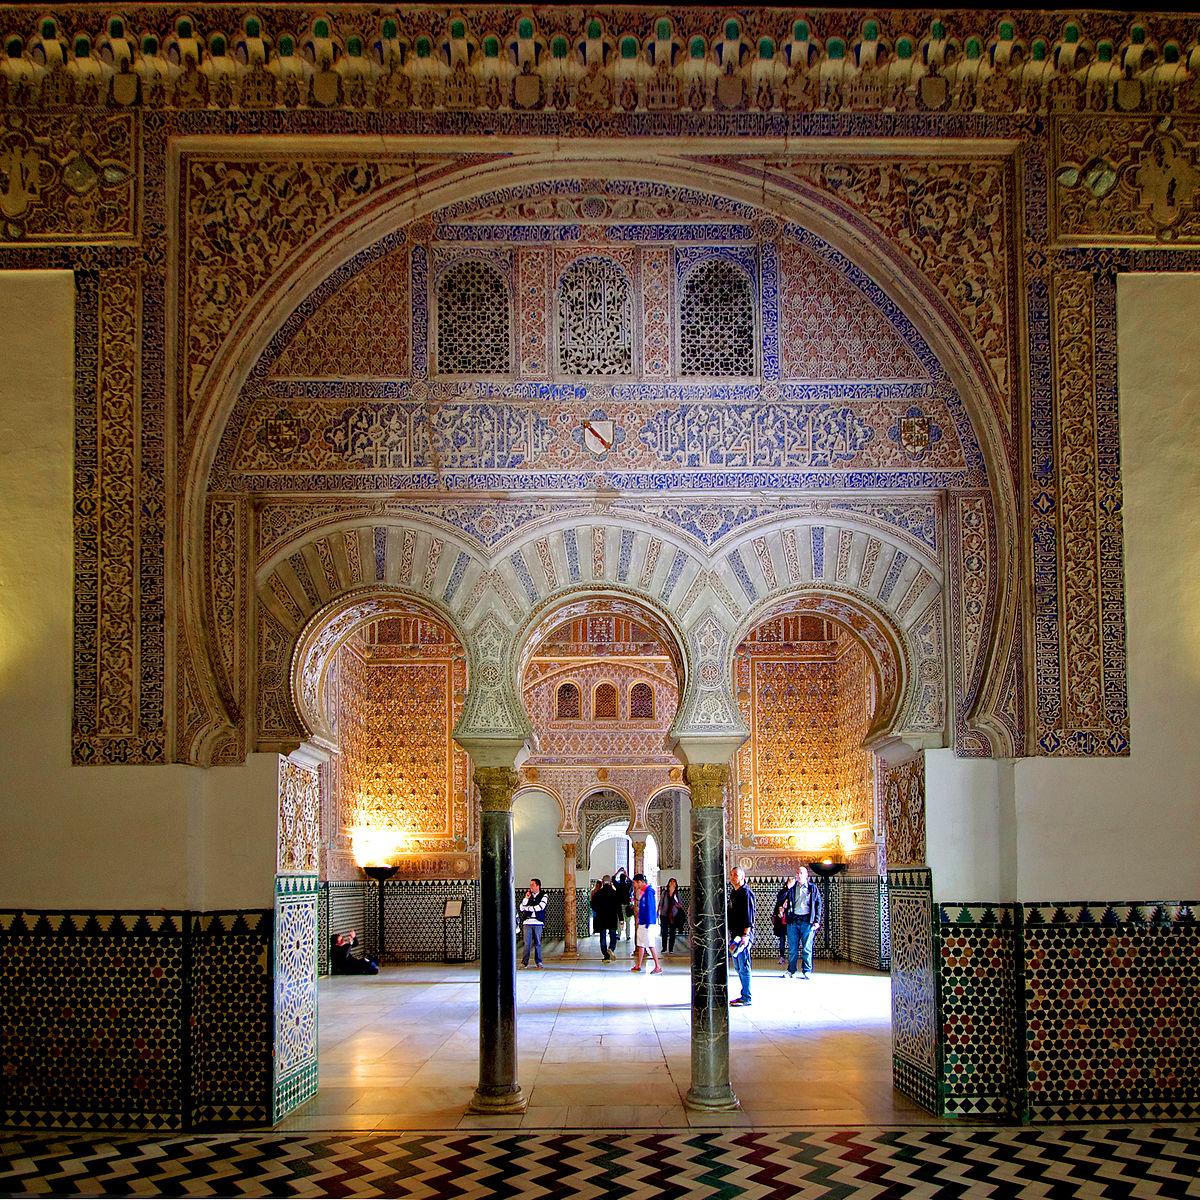 Datei:Reales Alcázares de Sevilla - Salón de Embajadores.jpg ...